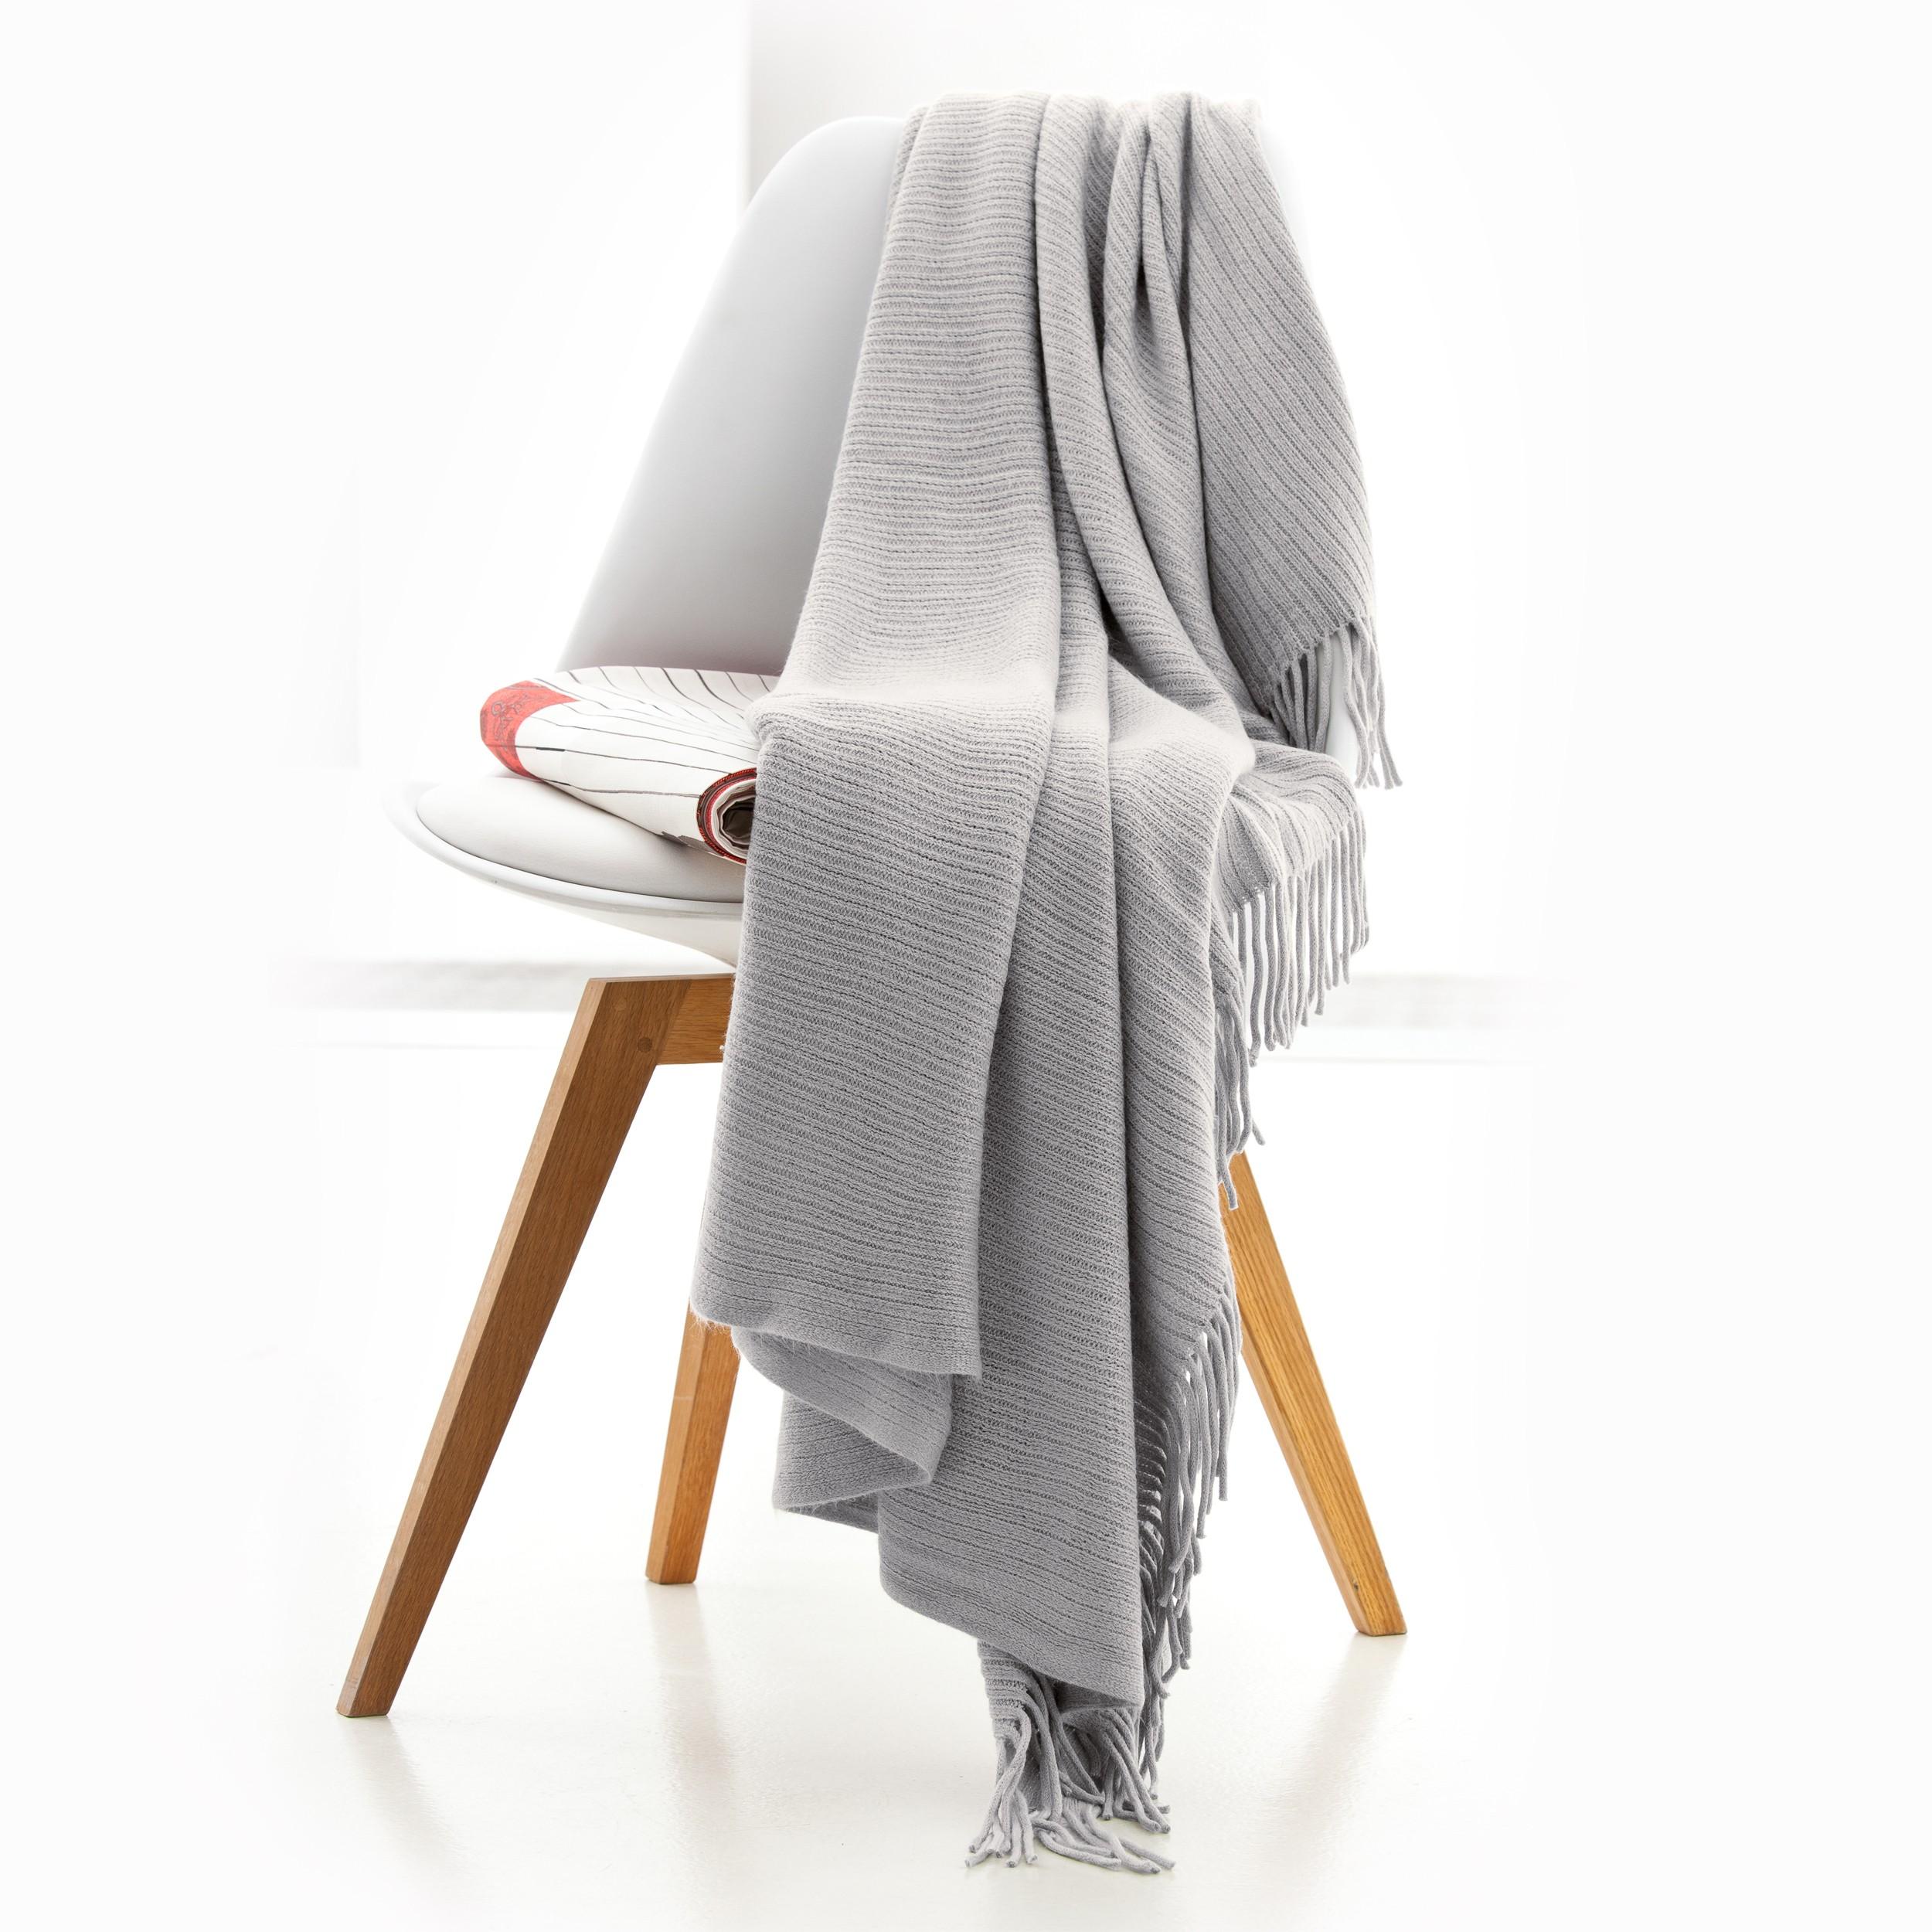 le plaid l 39 accessoire cocooning chaud et doux pour l 39 hiver. Black Bedroom Furniture Sets. Home Design Ideas